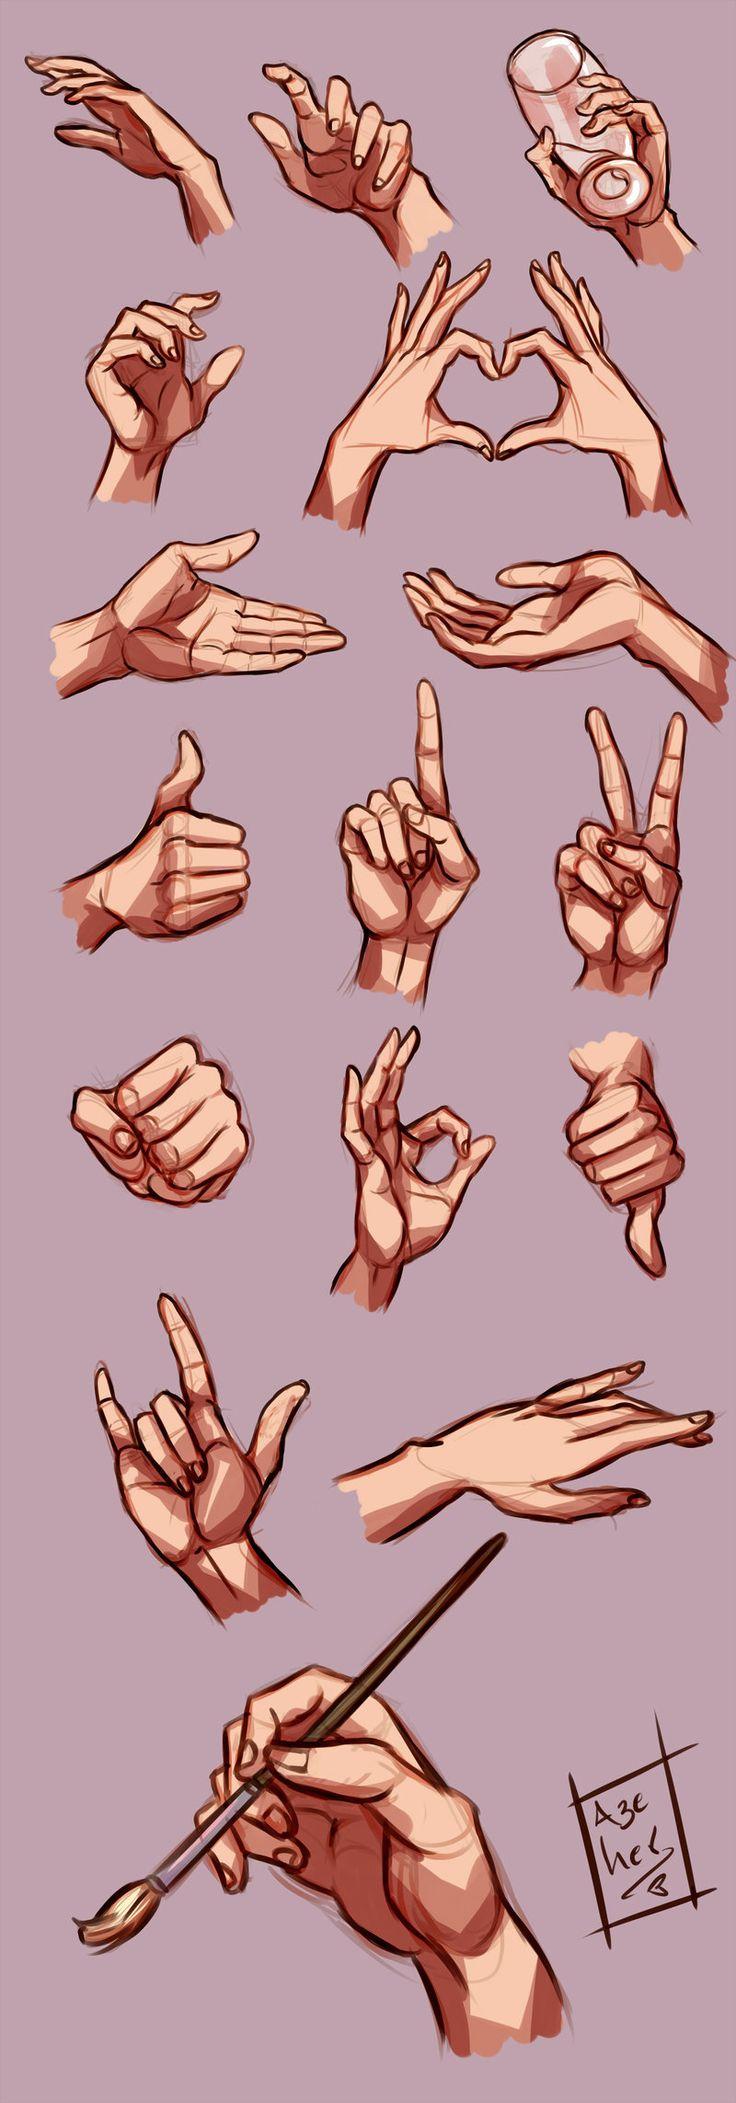 Hands study by Azeher.deviantart… on @deviantART